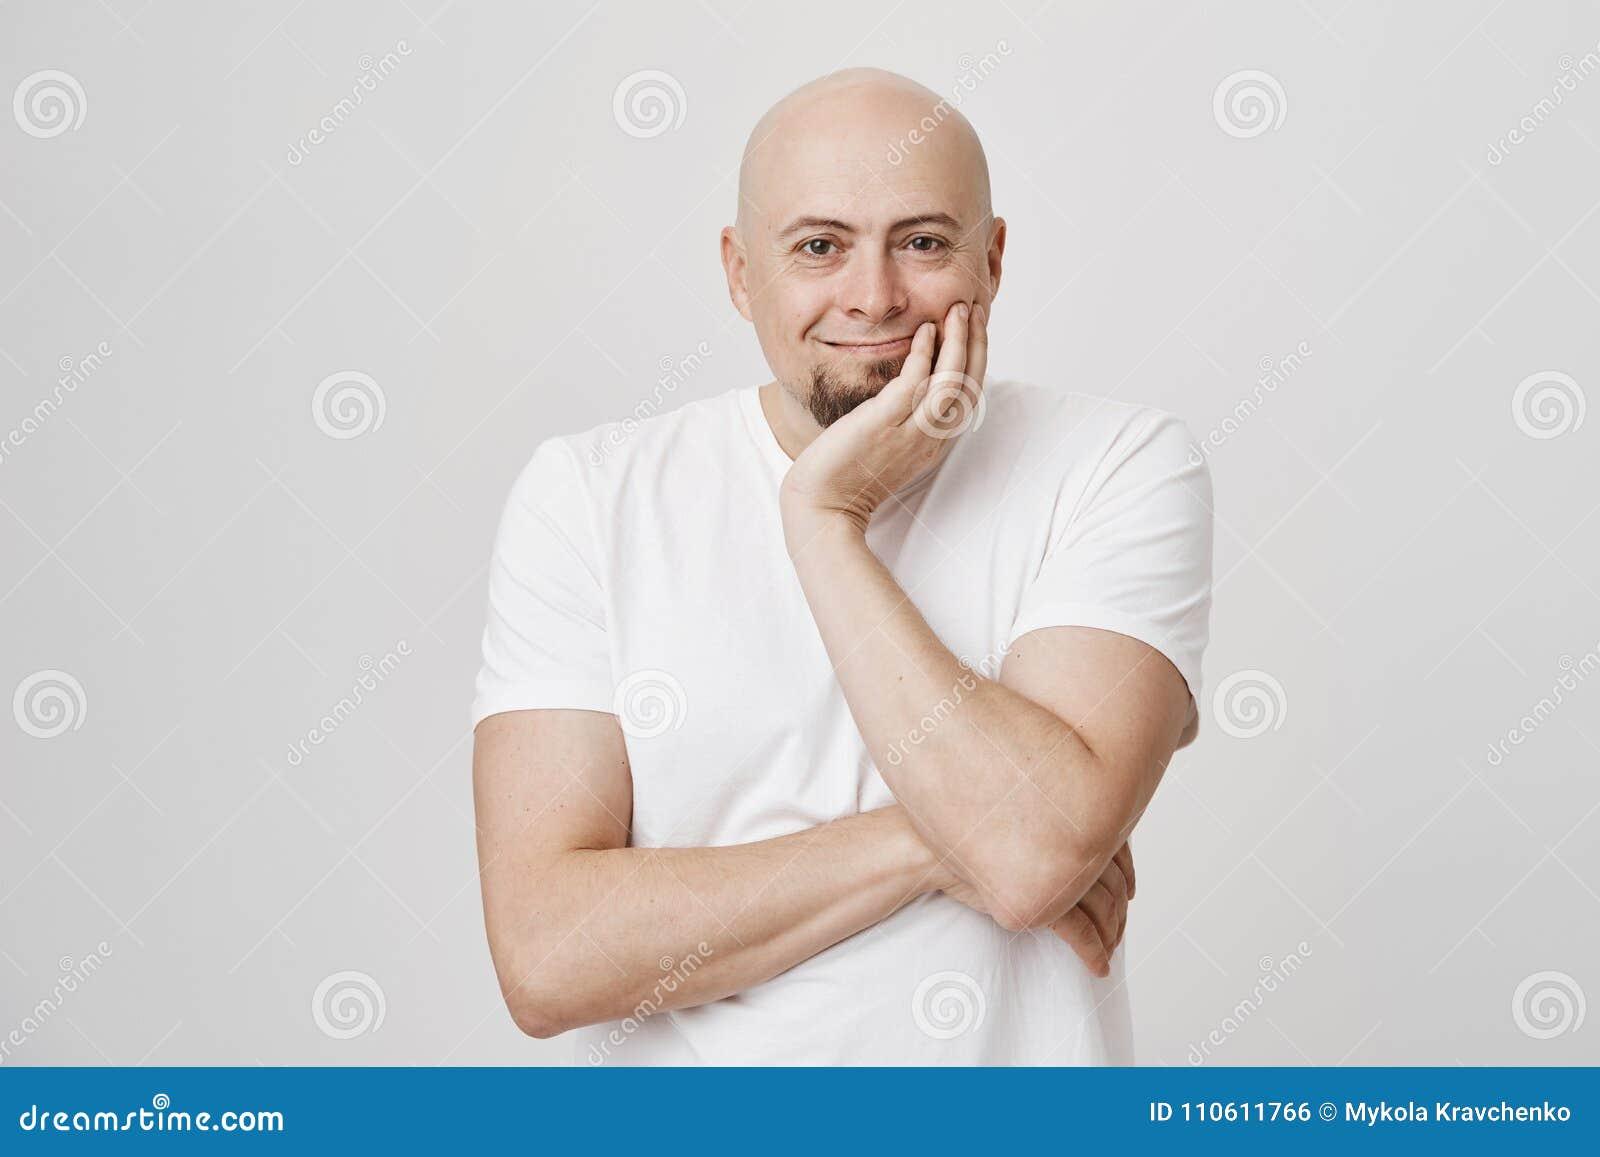 Hombre Sonriente Feliz Retrato Que Del Lleva Europeo Calvo Interior WDHEI2Y9